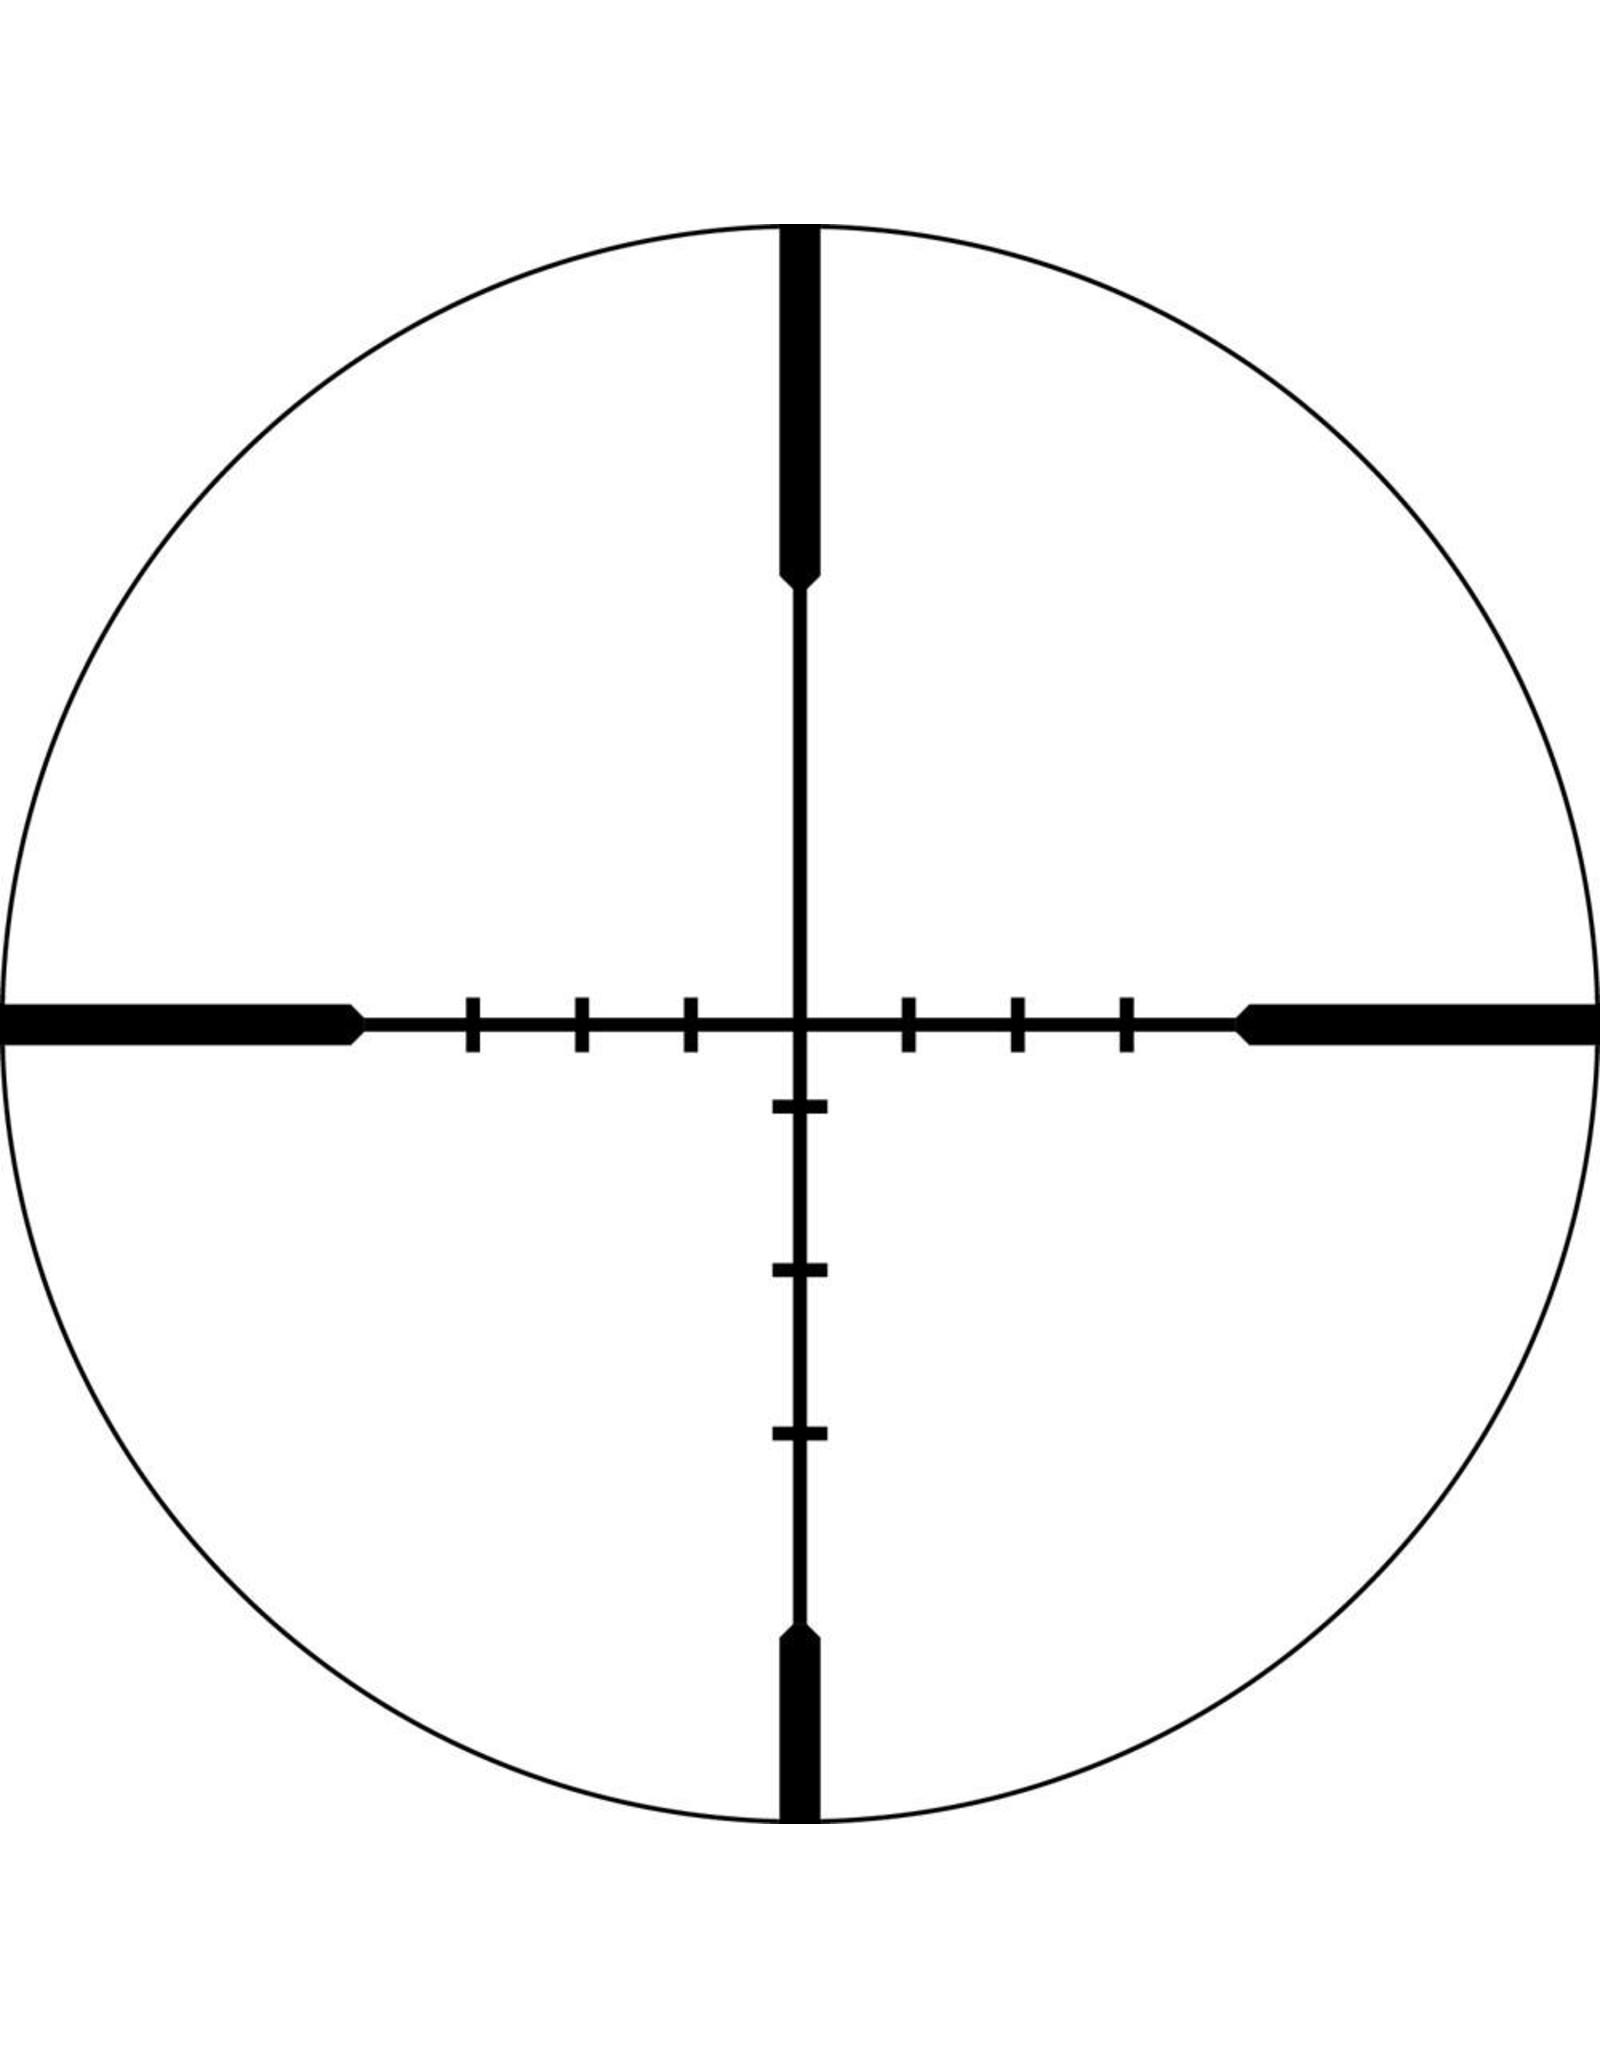 Vortex Vortex Viper HS 2.5-10x44 SFP Riflescope BDC